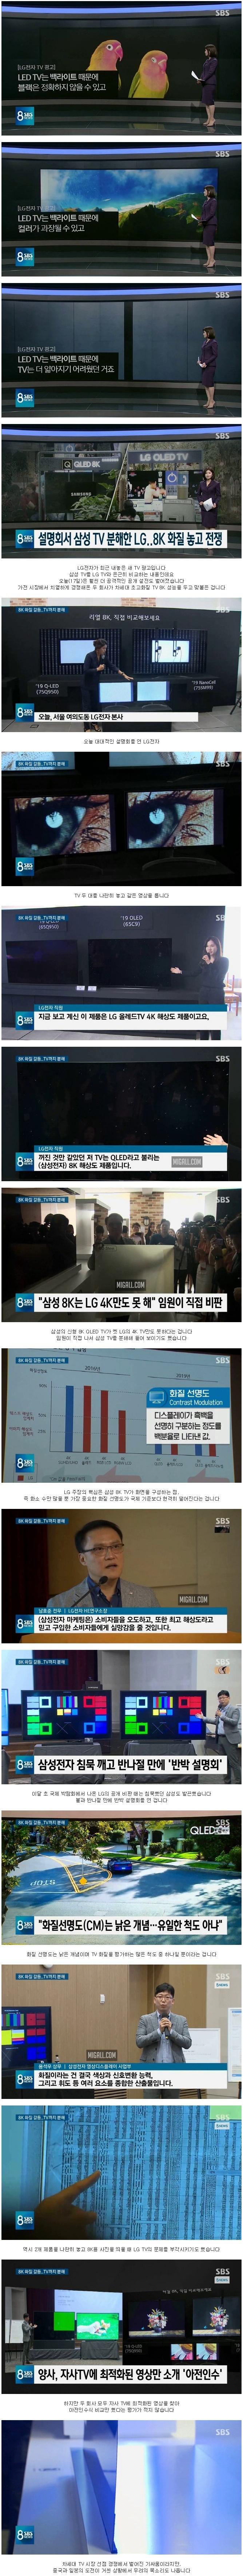 삼성 vs LG 8K 화질 갈등.jpg